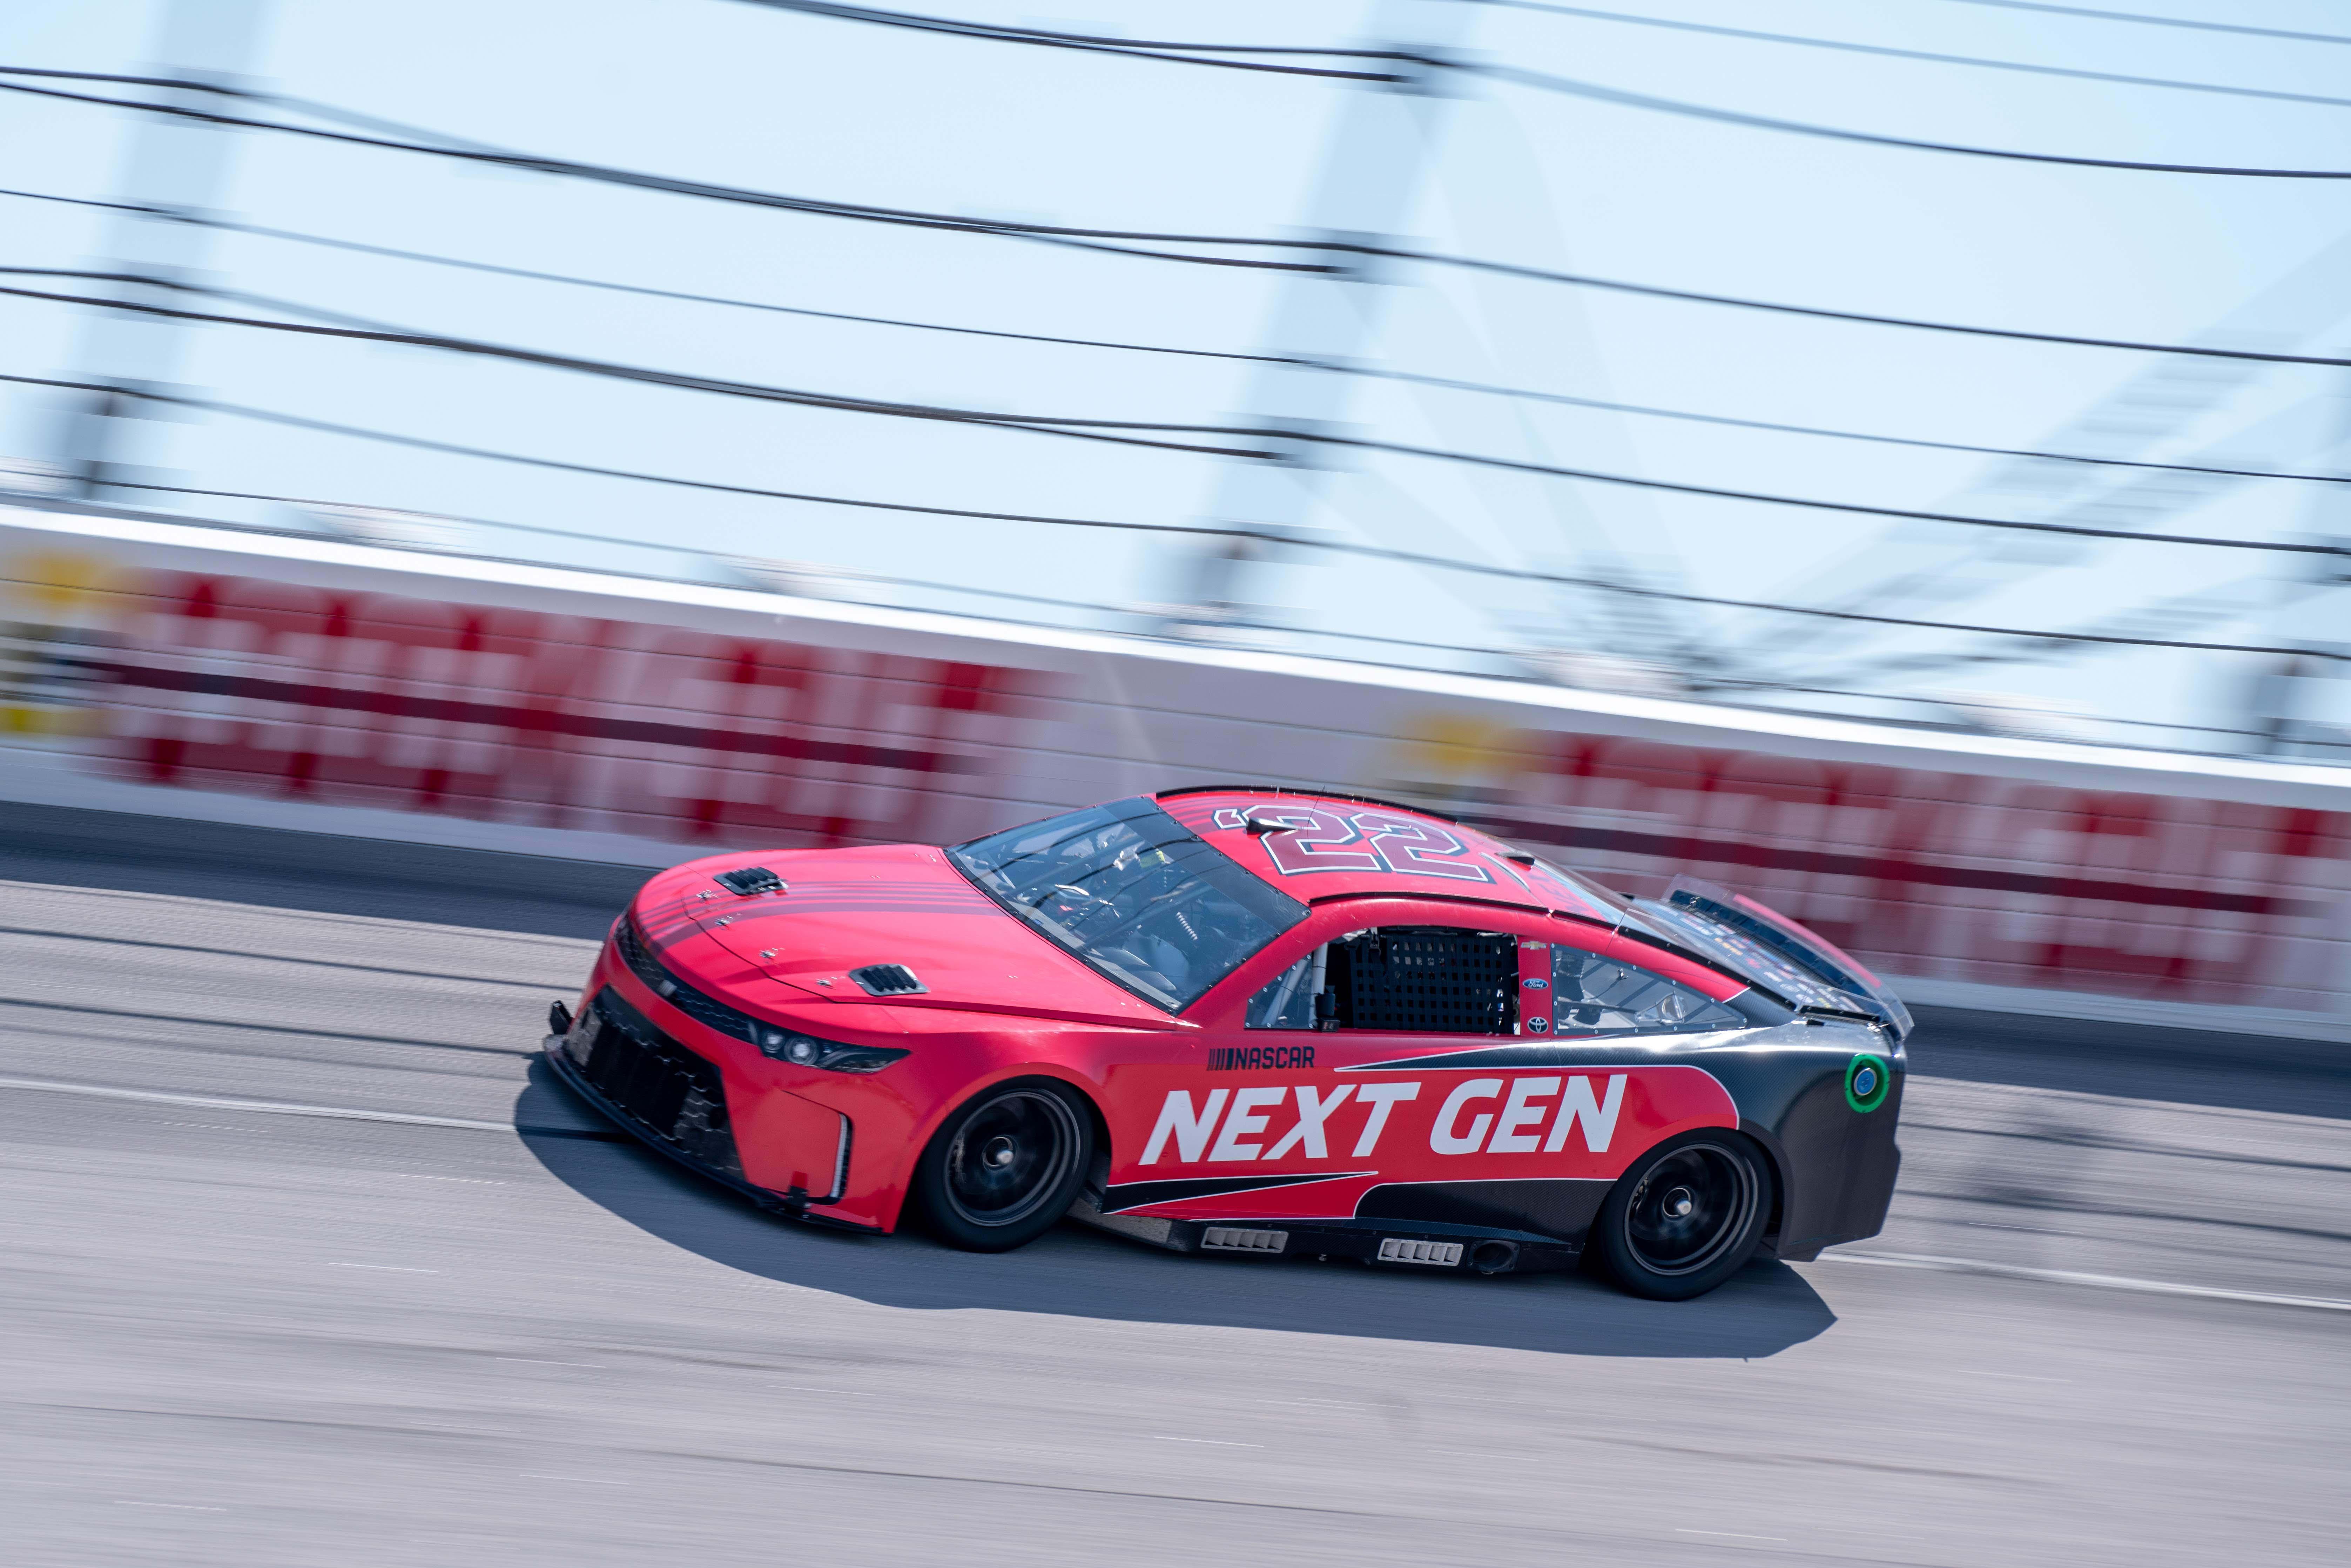 NASCAR Next Gen race car photos